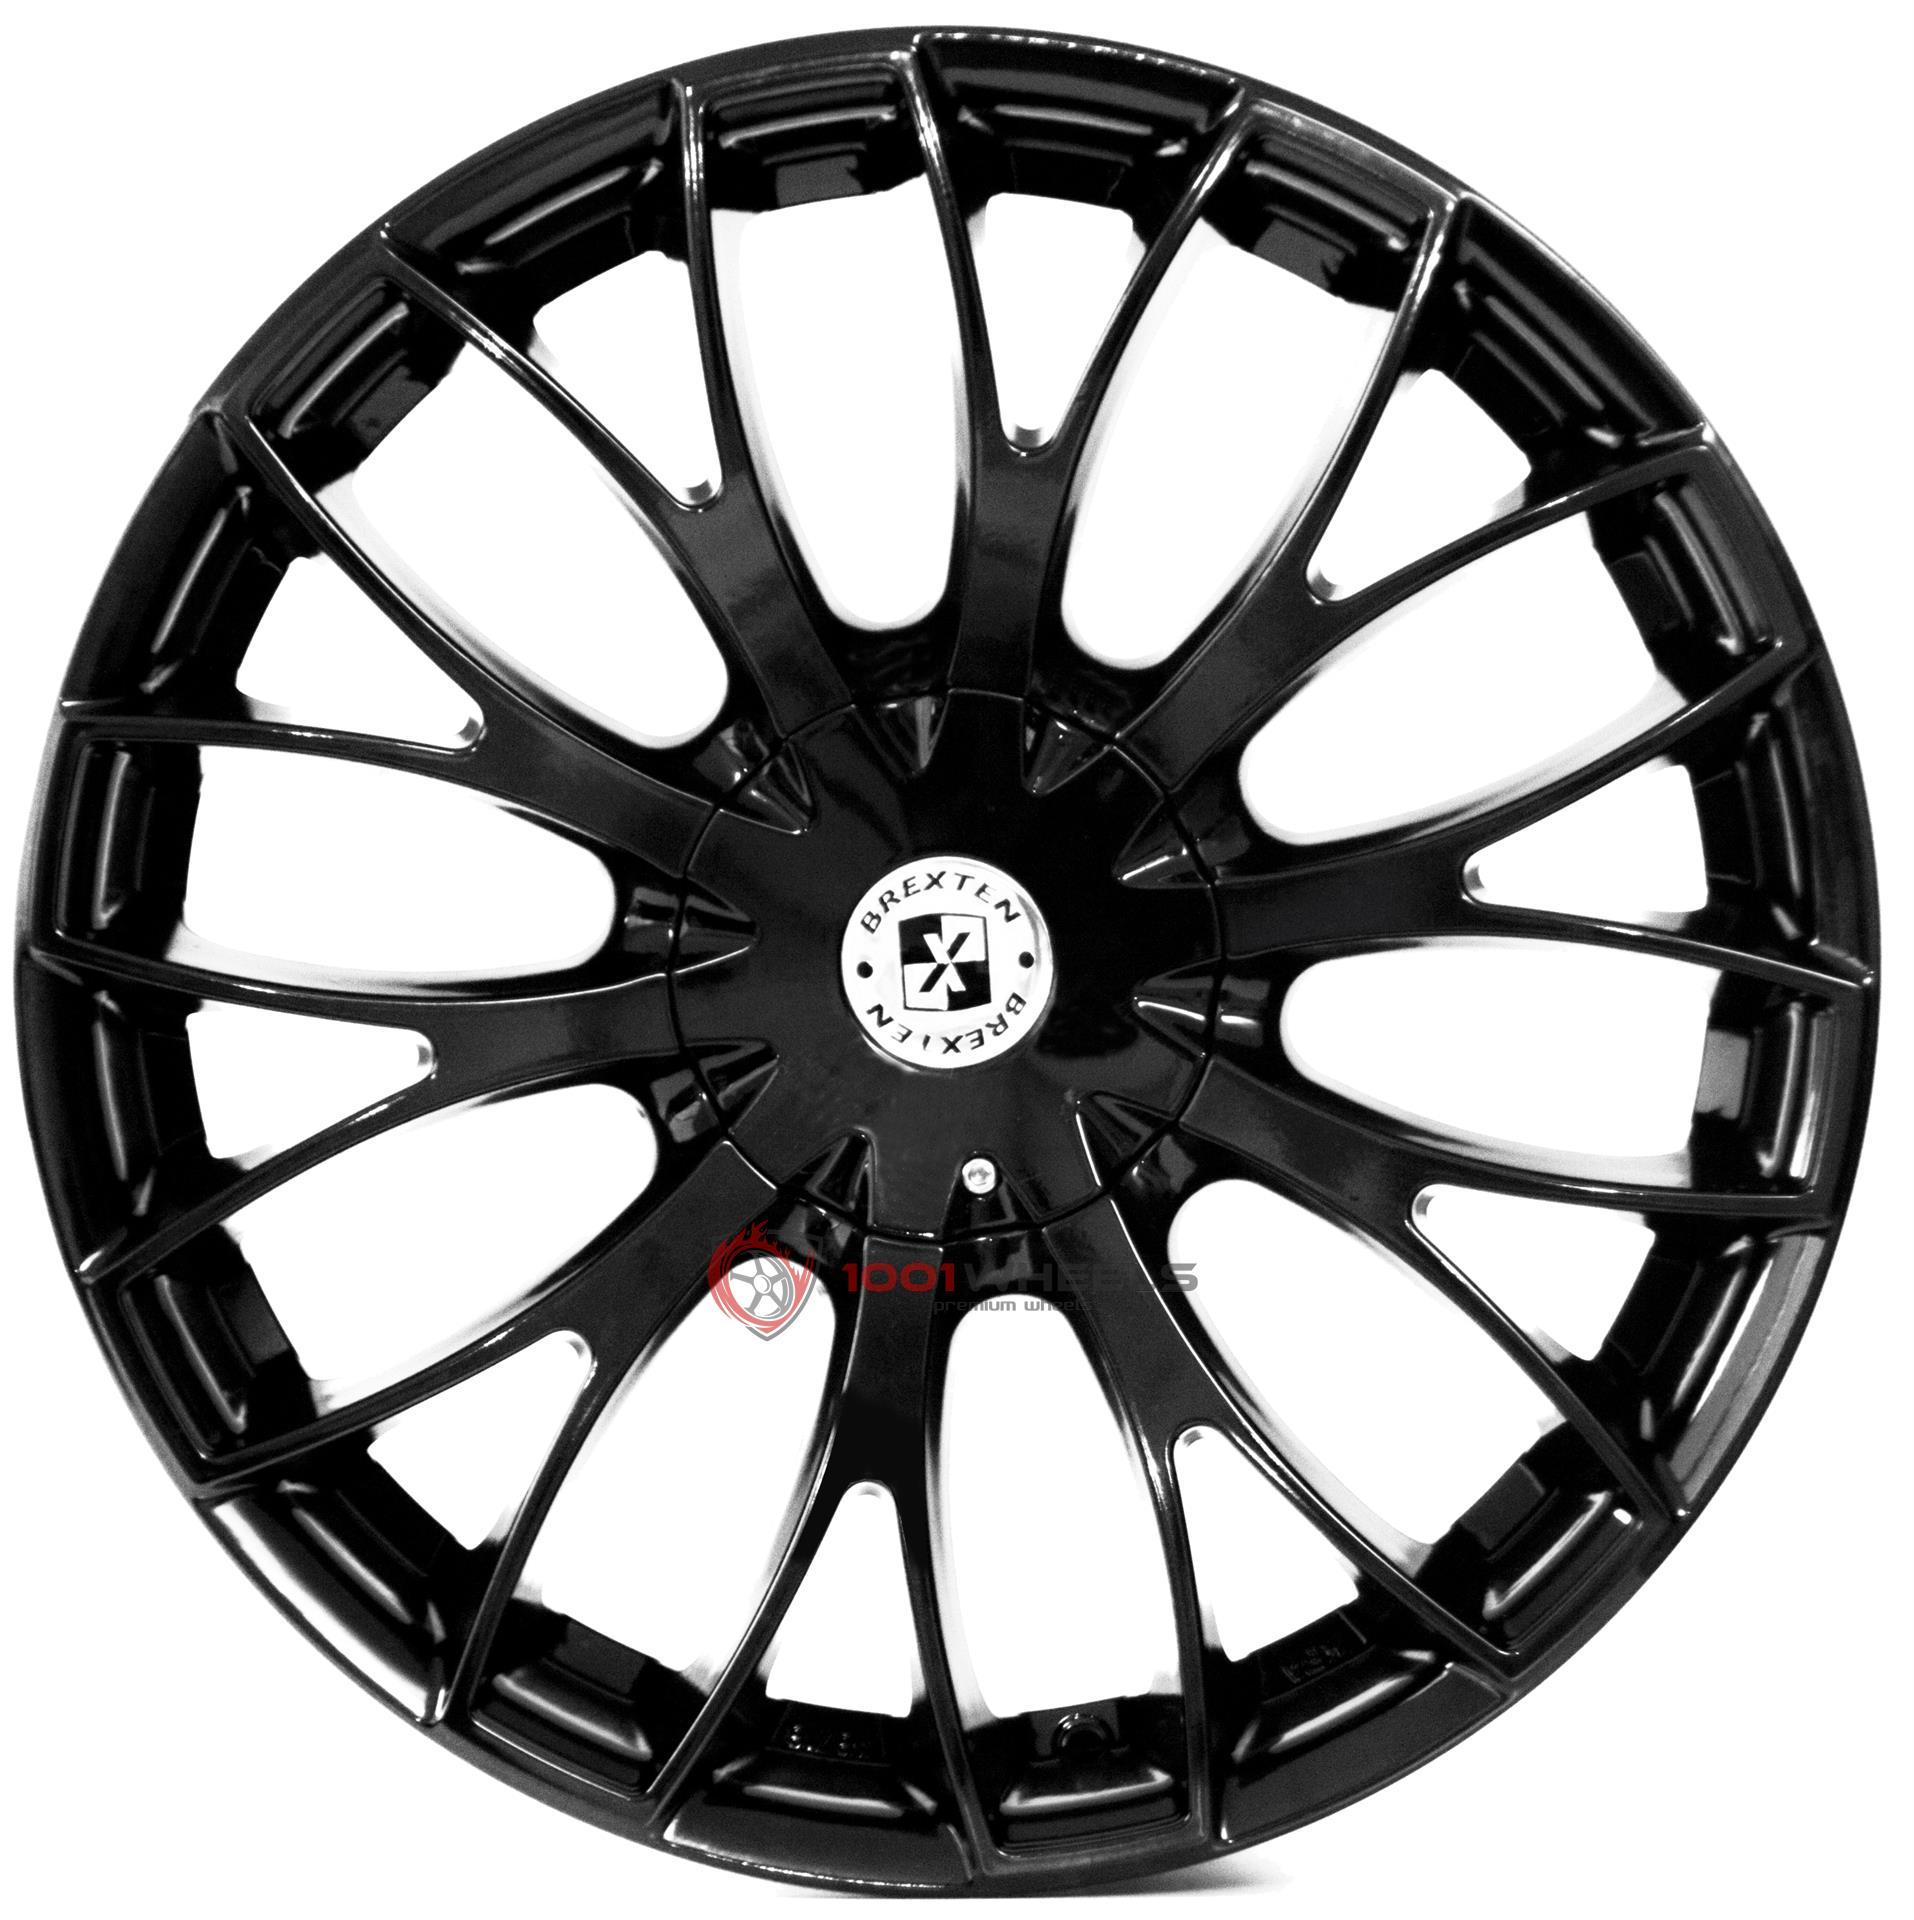 BREXTEN BX-20 matt-black